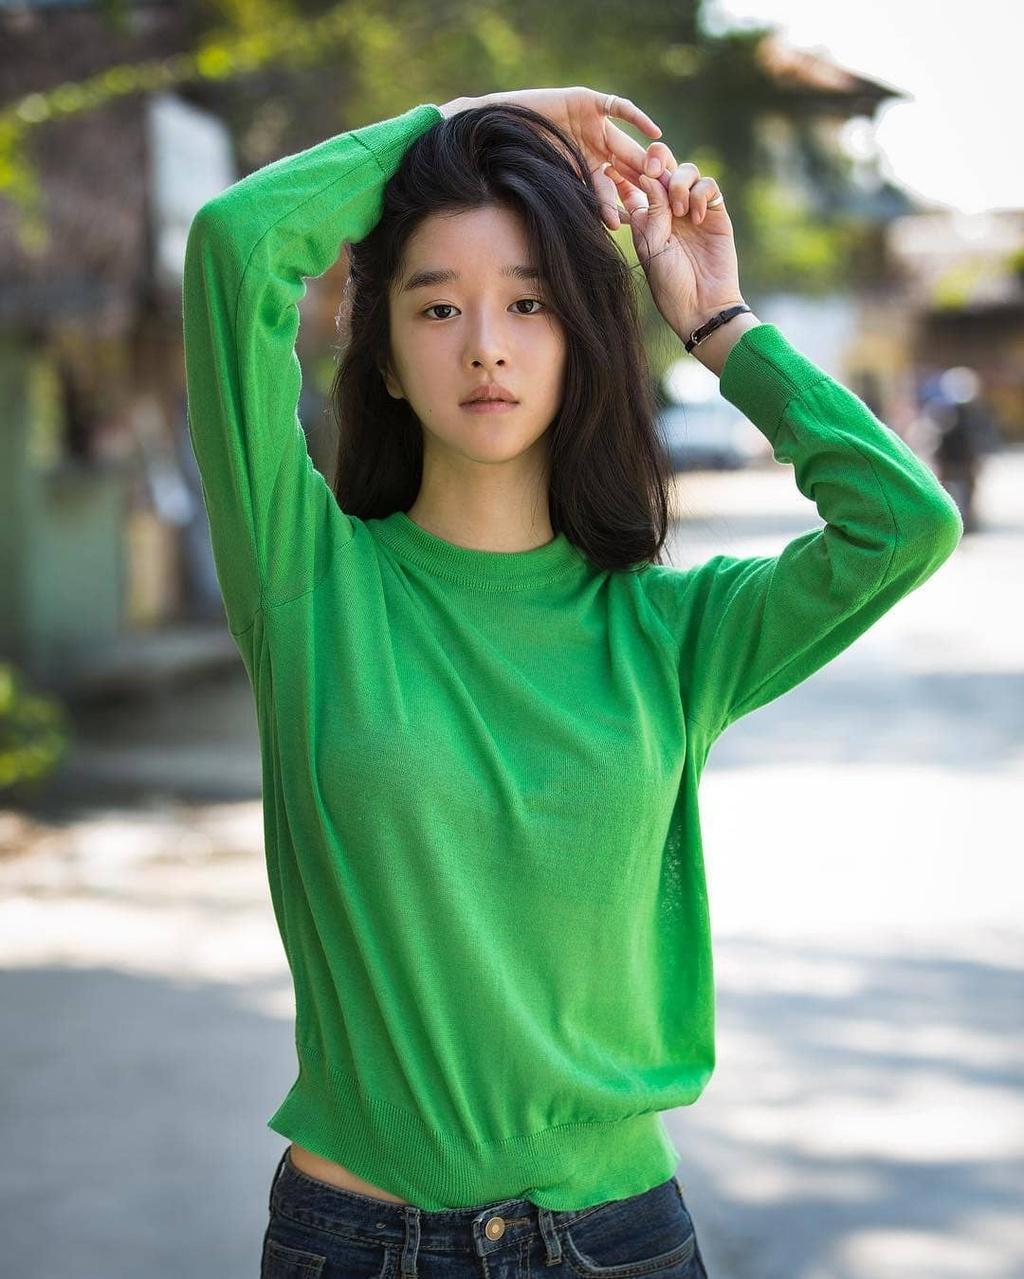 nhan sac ngoai doi cua Seo Ye Ji anh 12